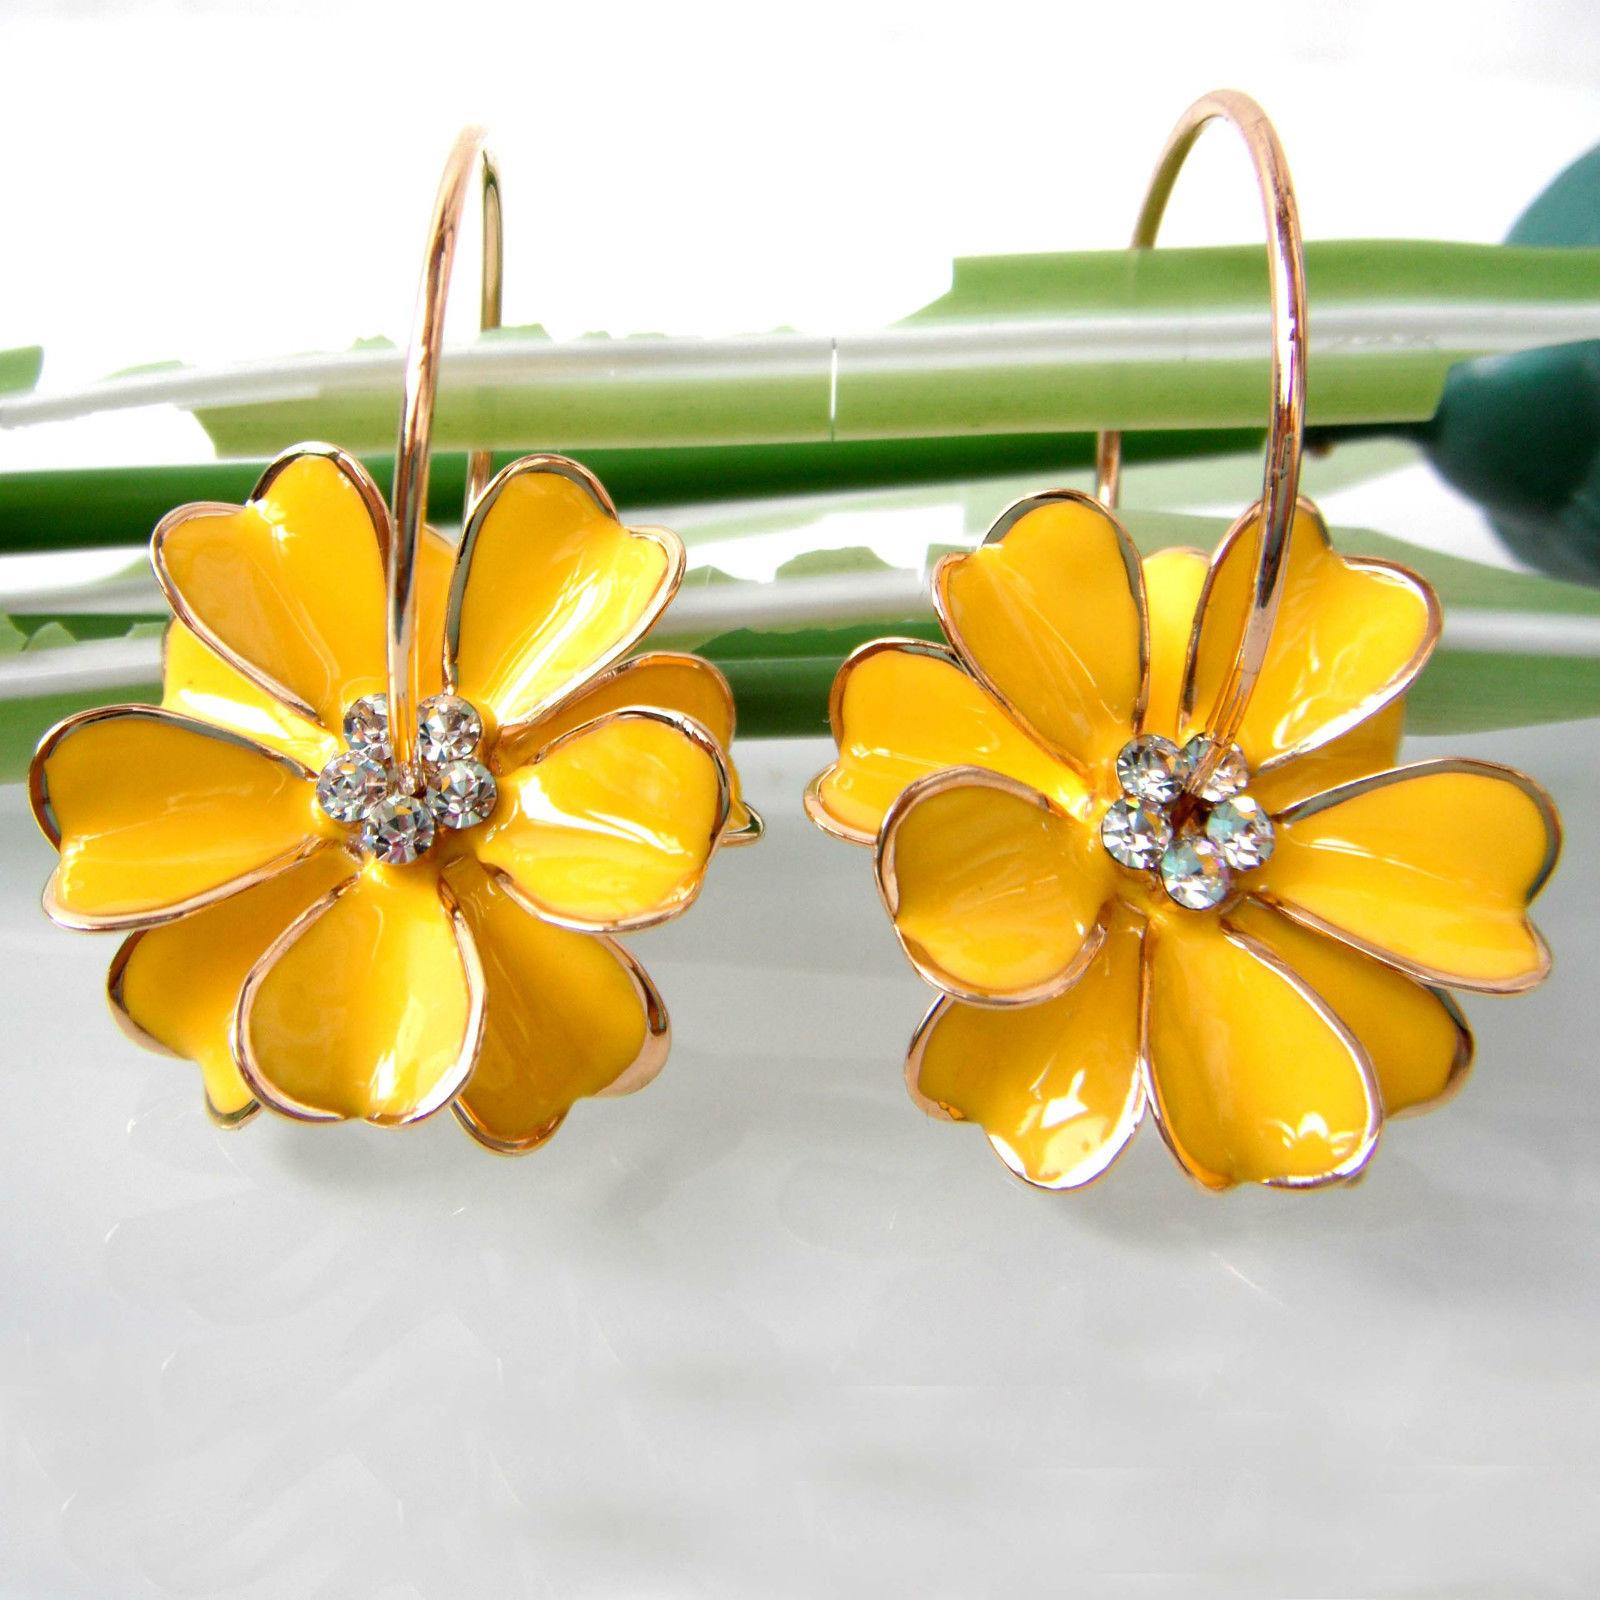 עגילים בצורת פרח